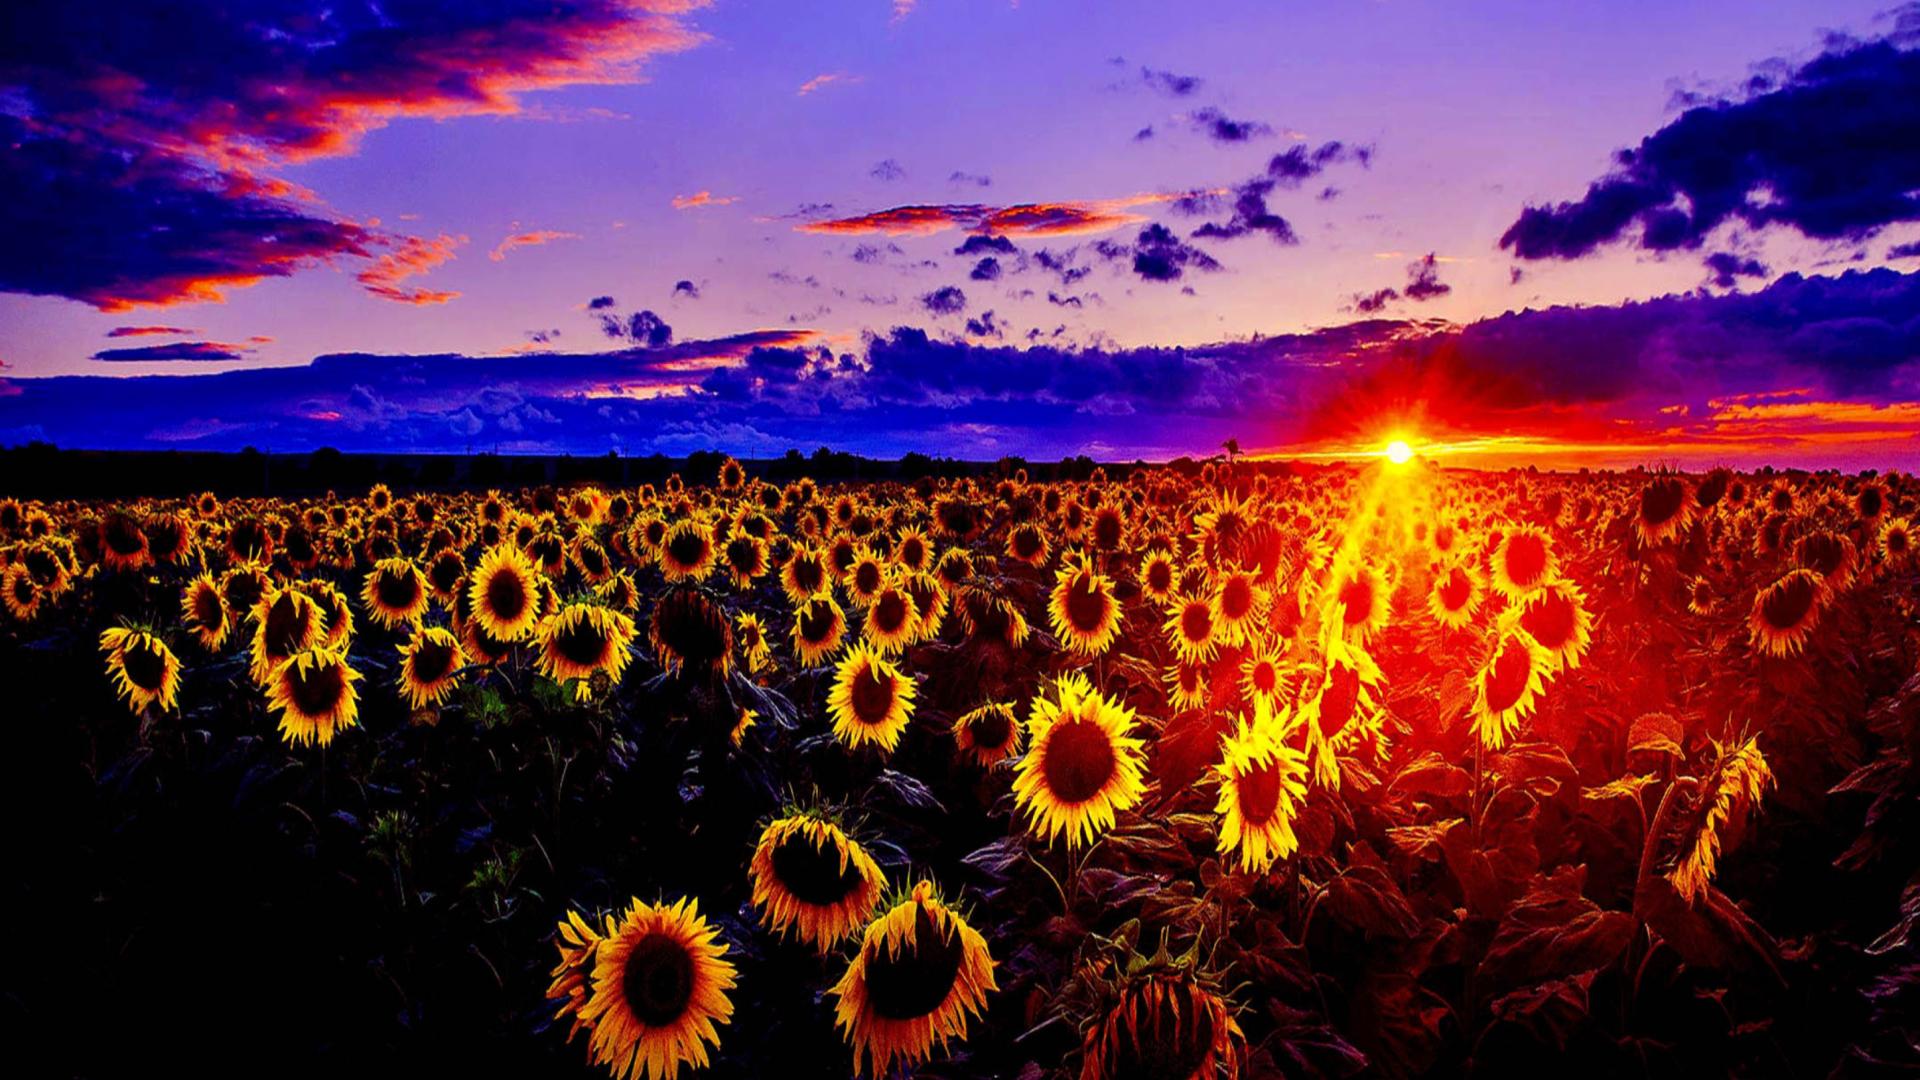 Sunflowers fondos de pantalla gratis para escritorio for Fondos de escritorio full hd